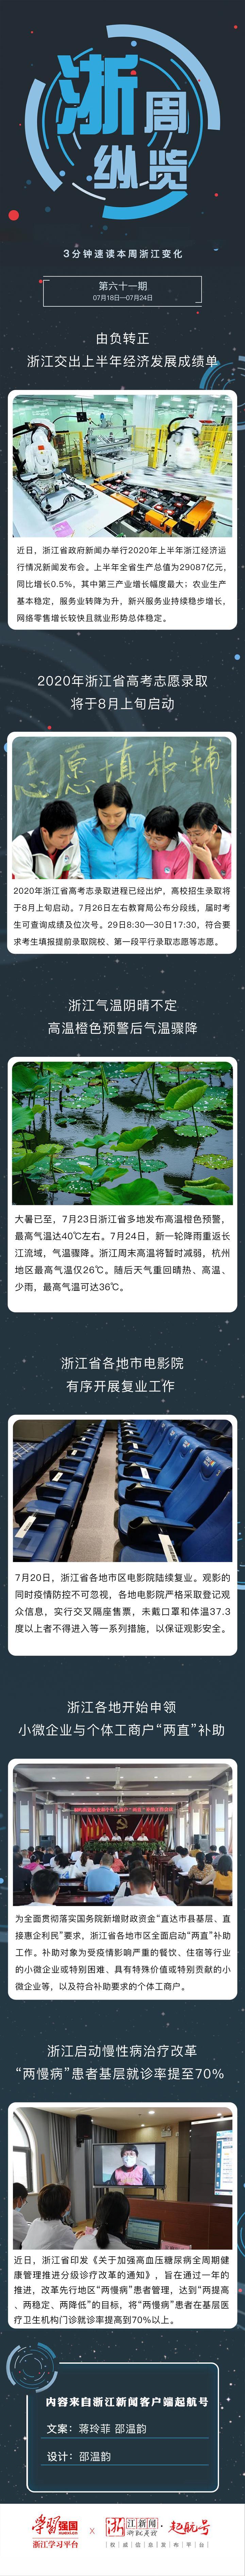 浙周纵览.jpg